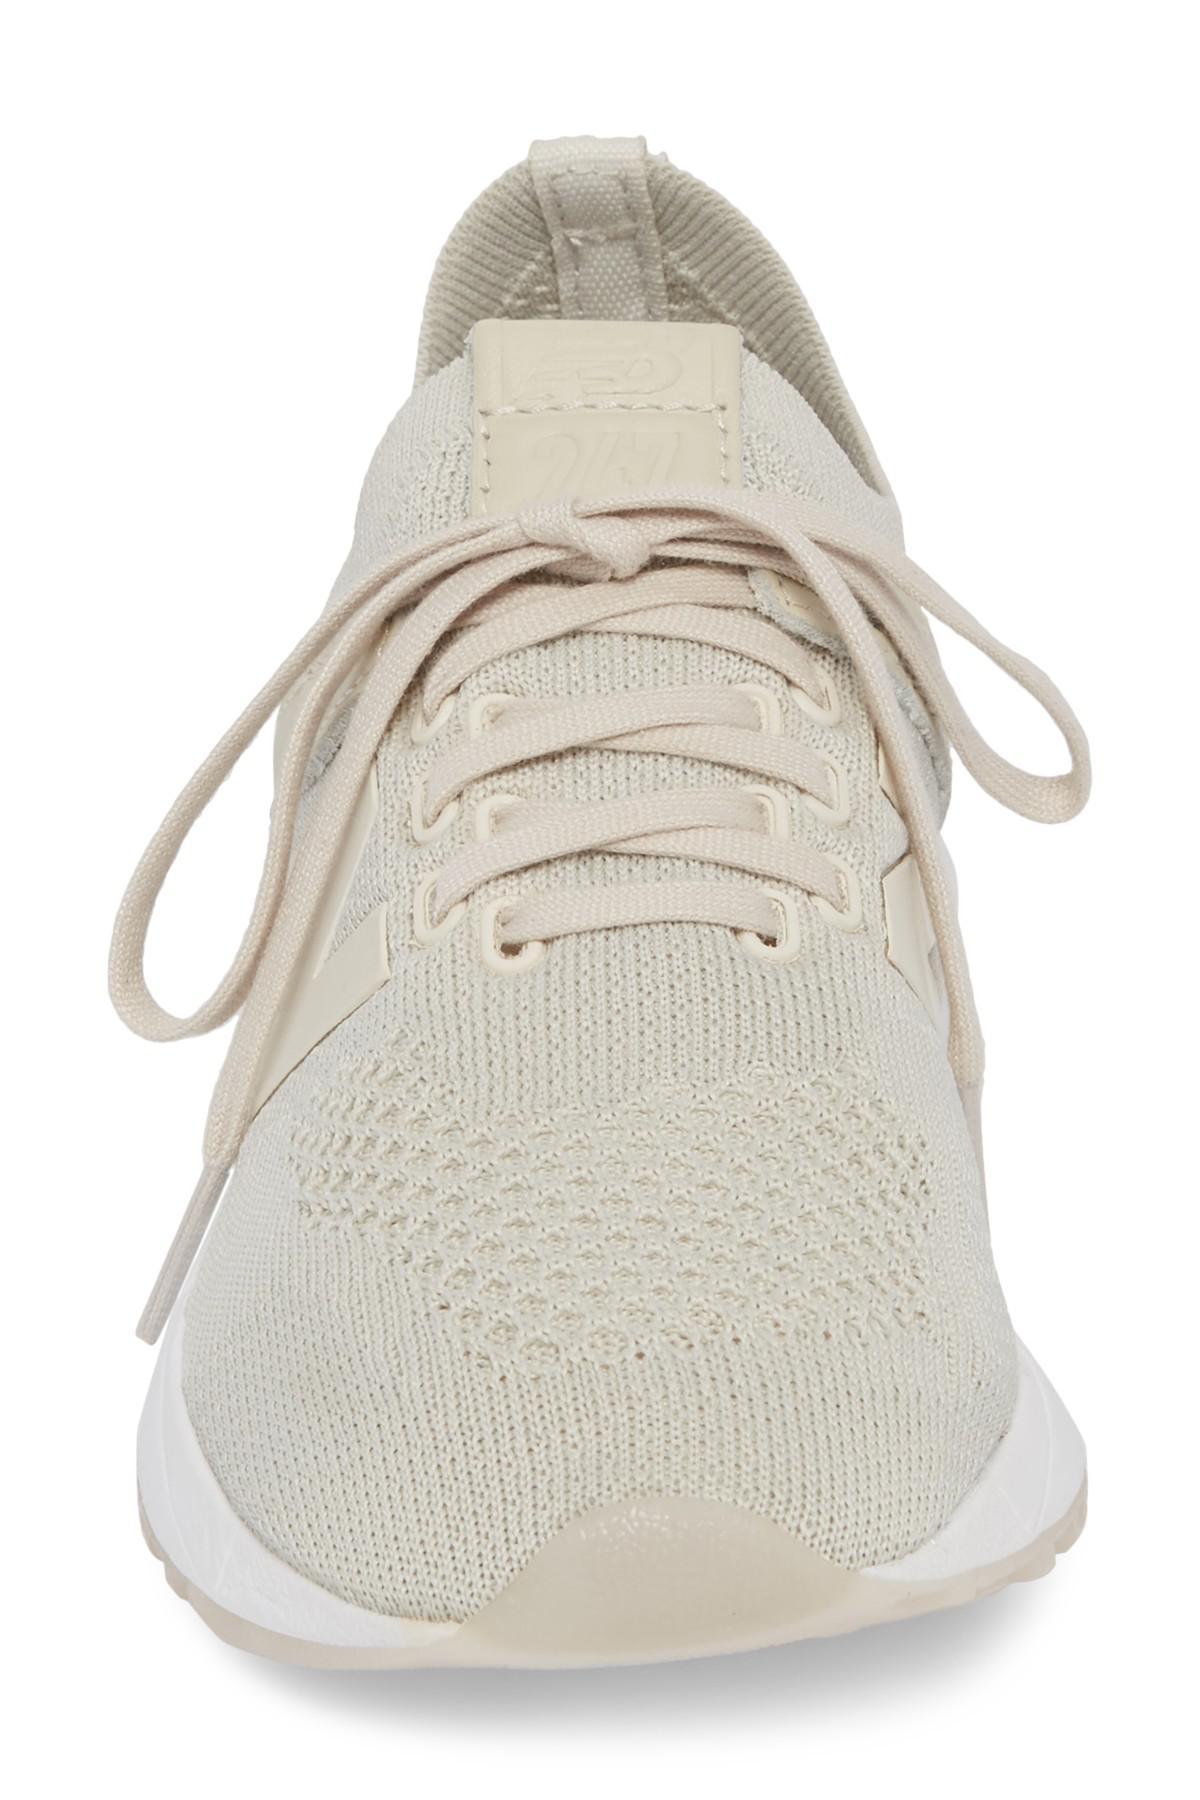 Synthetic 247 Decon Knit Sneaker - Lyst